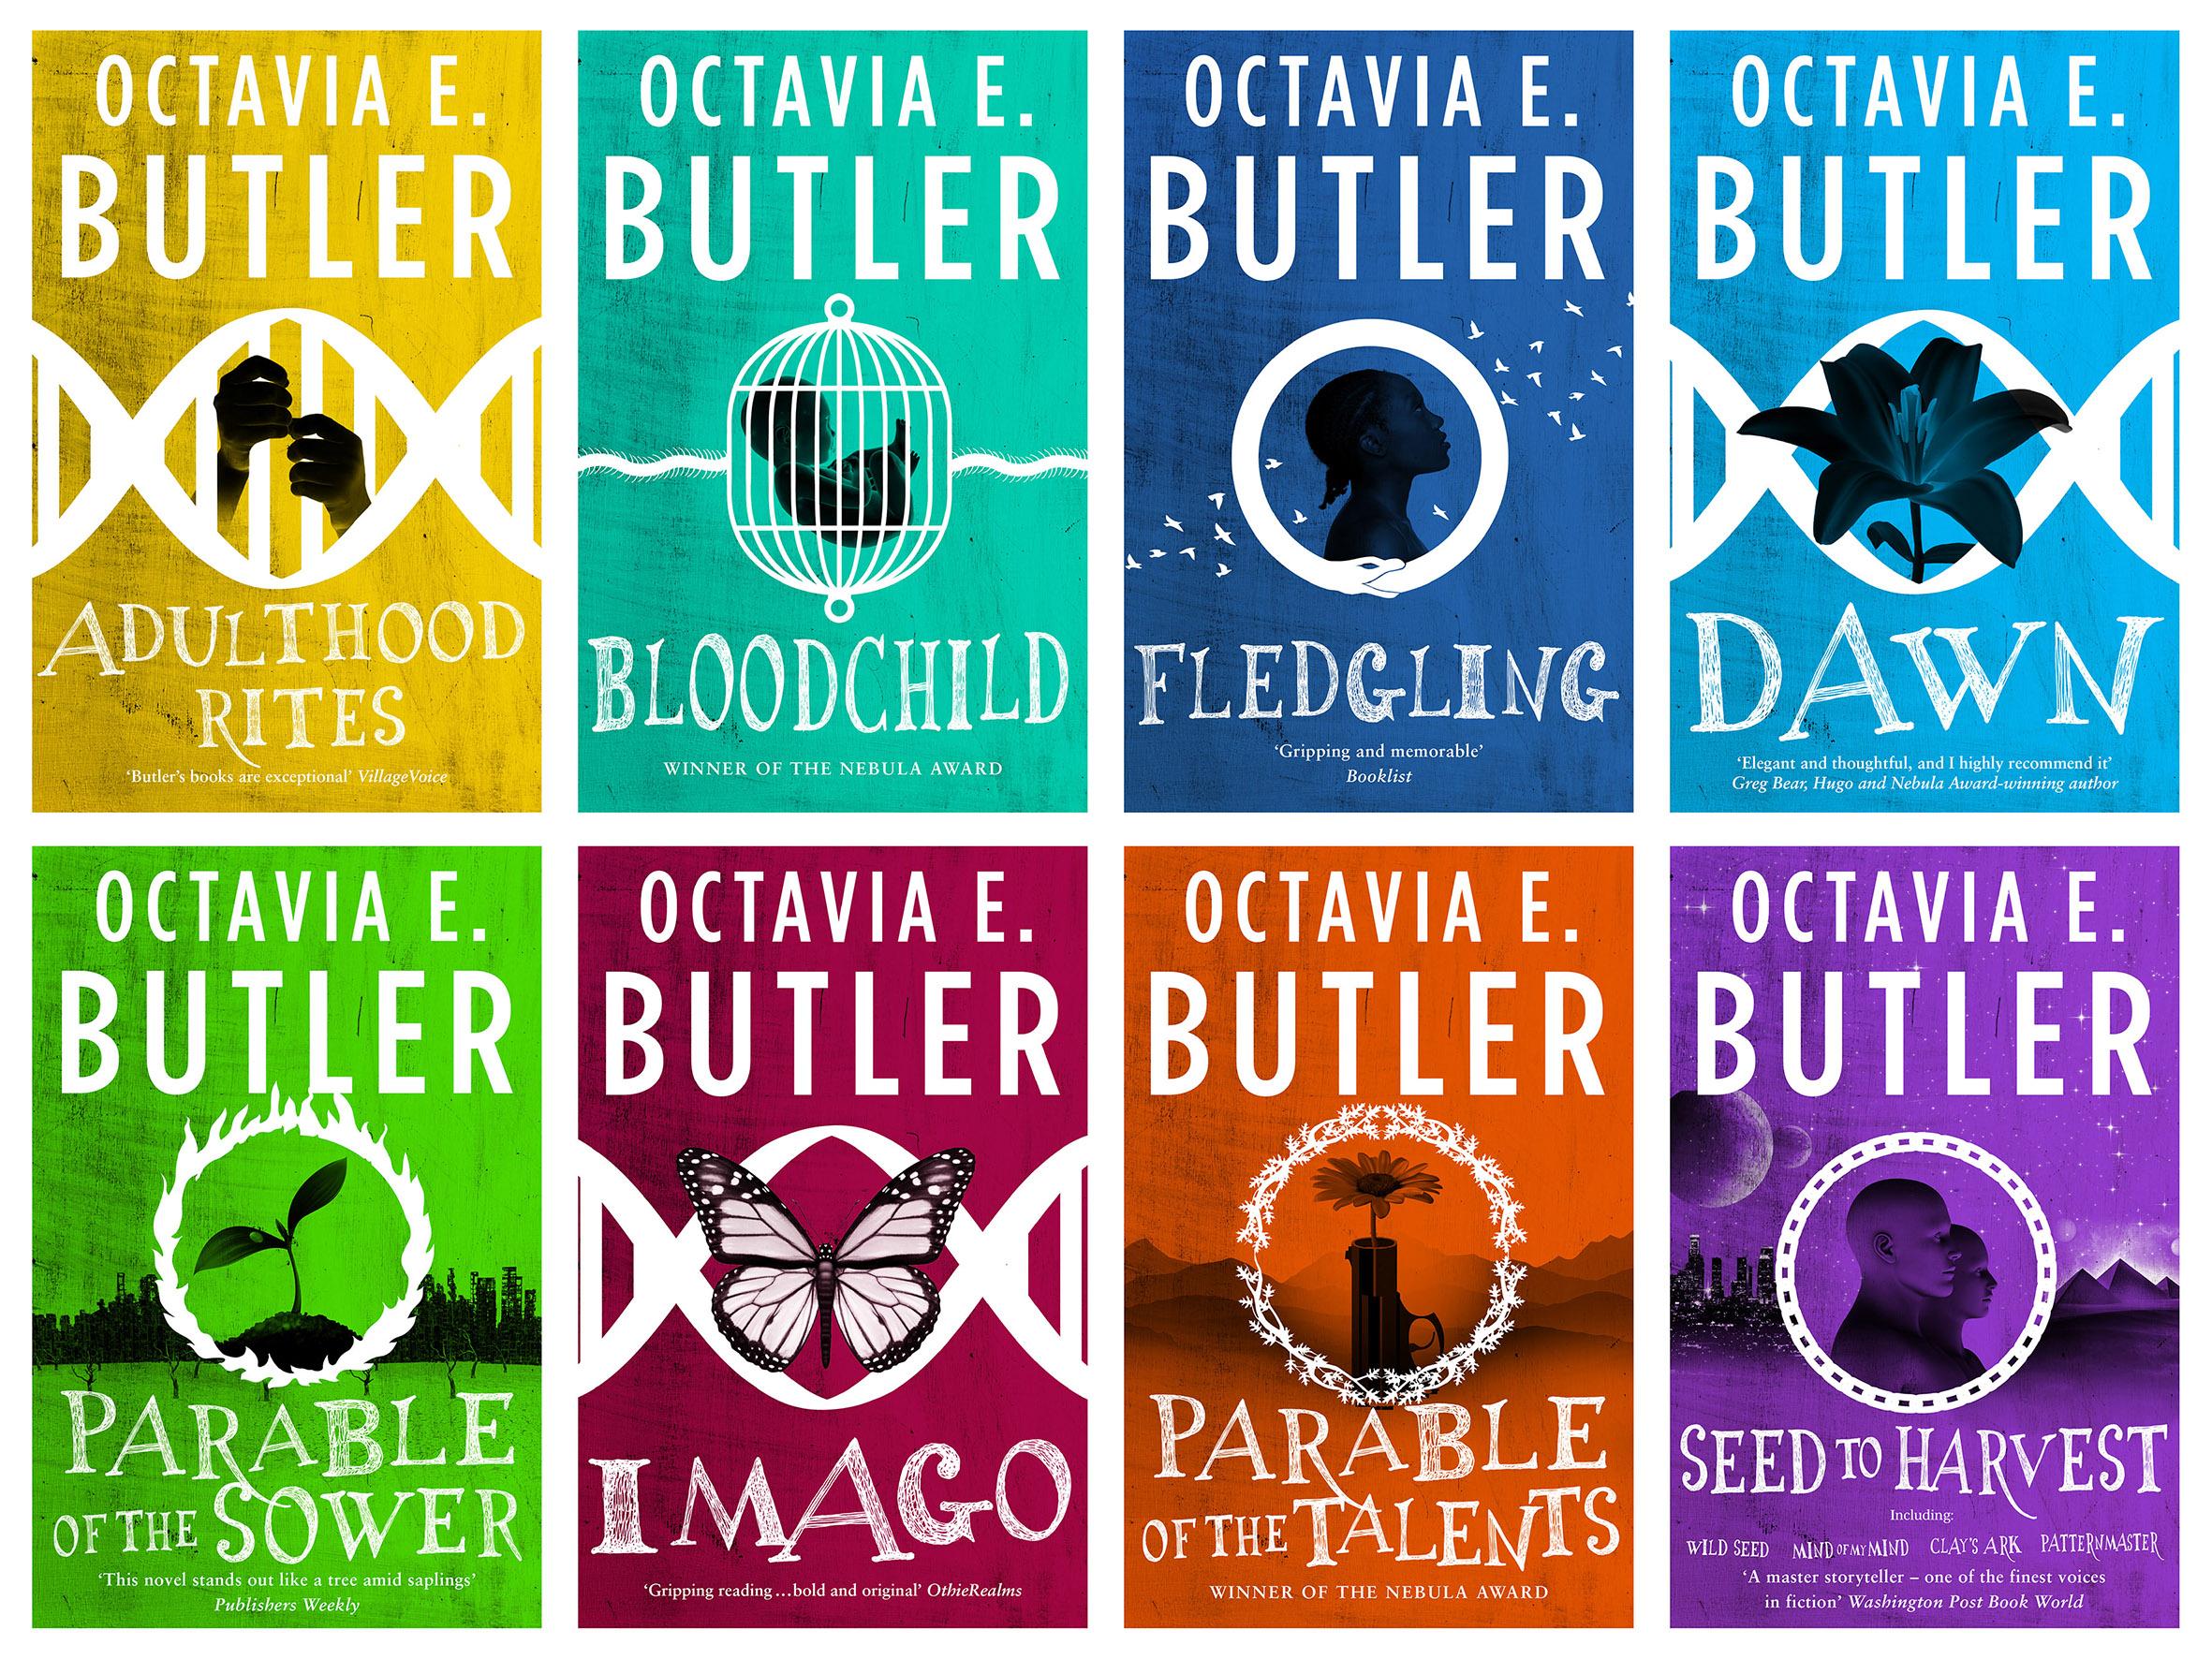 speech sounds octavia butler